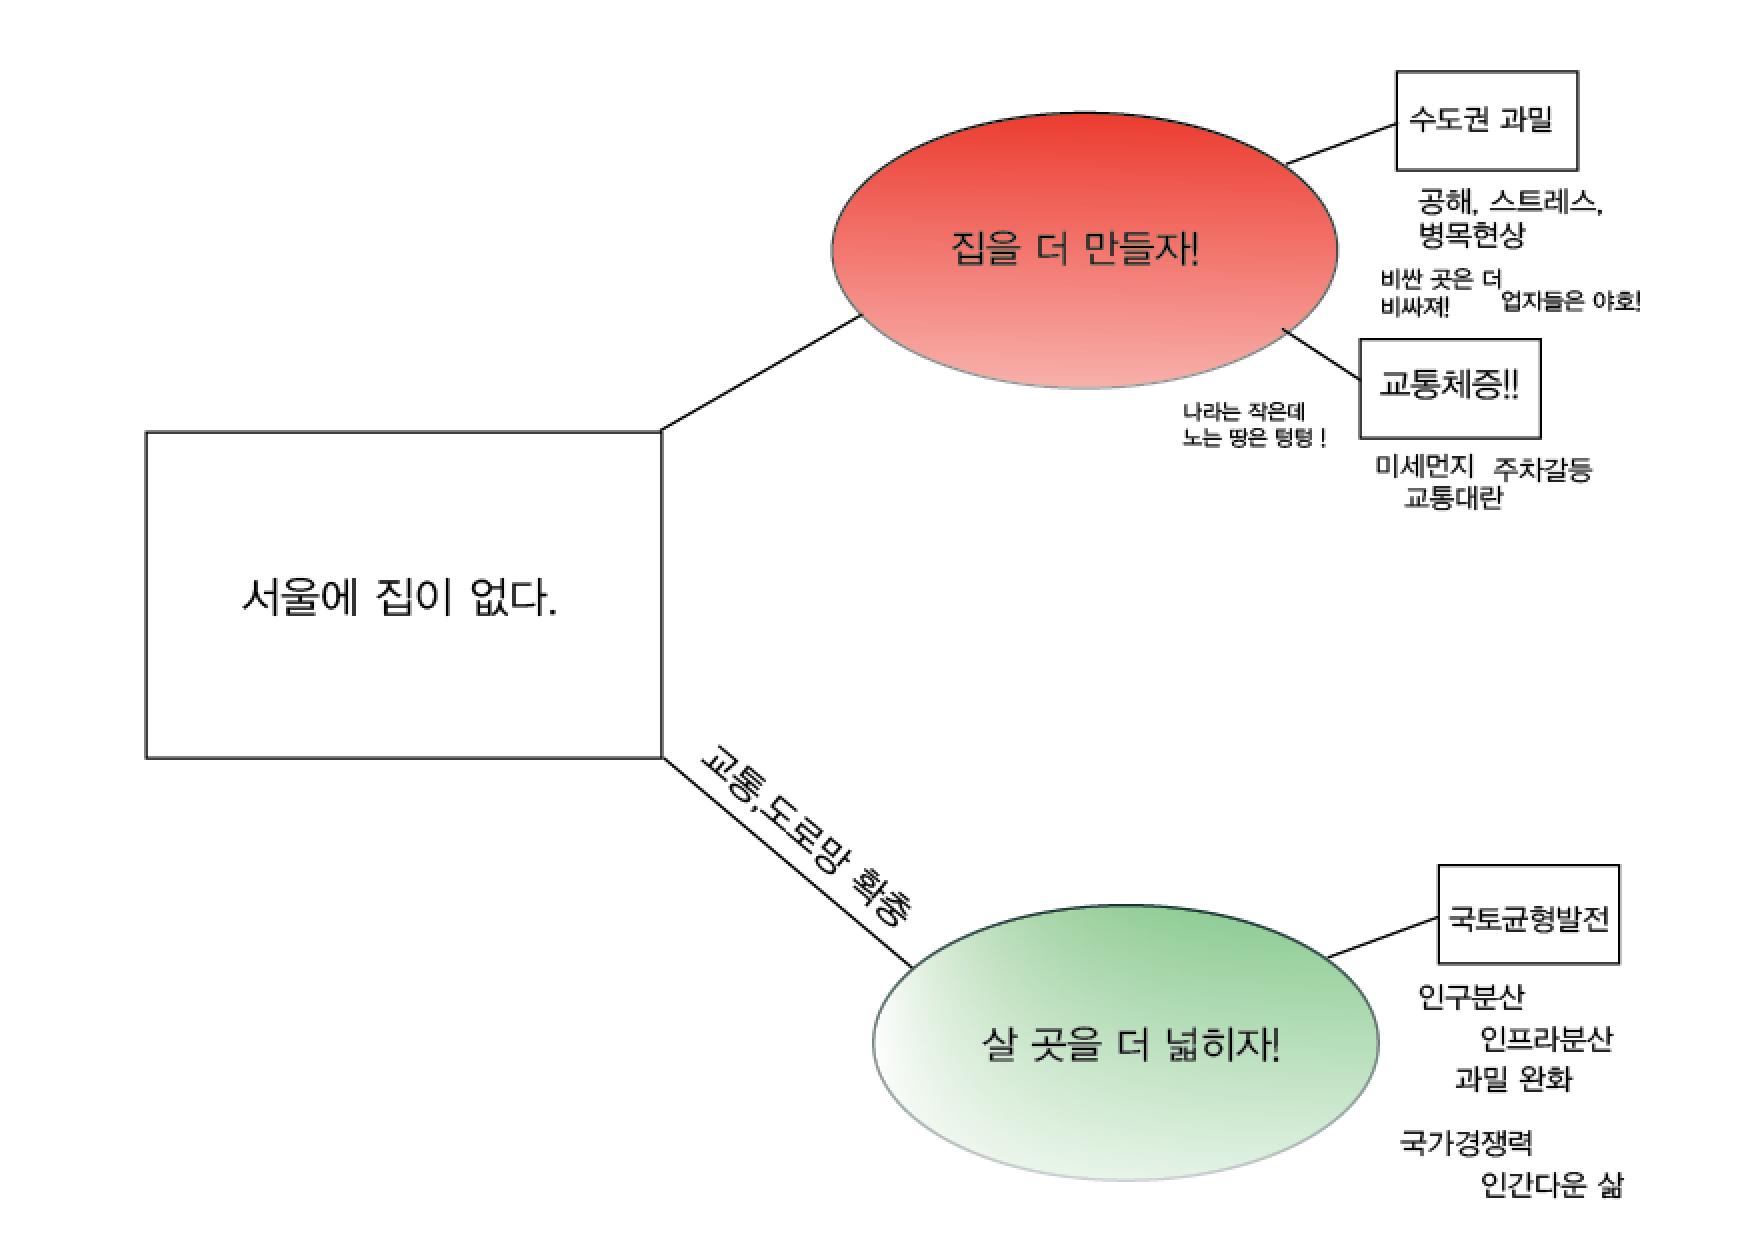 www.jeski.org_이제석 2021-03-01 at 4.00.36 PM.png